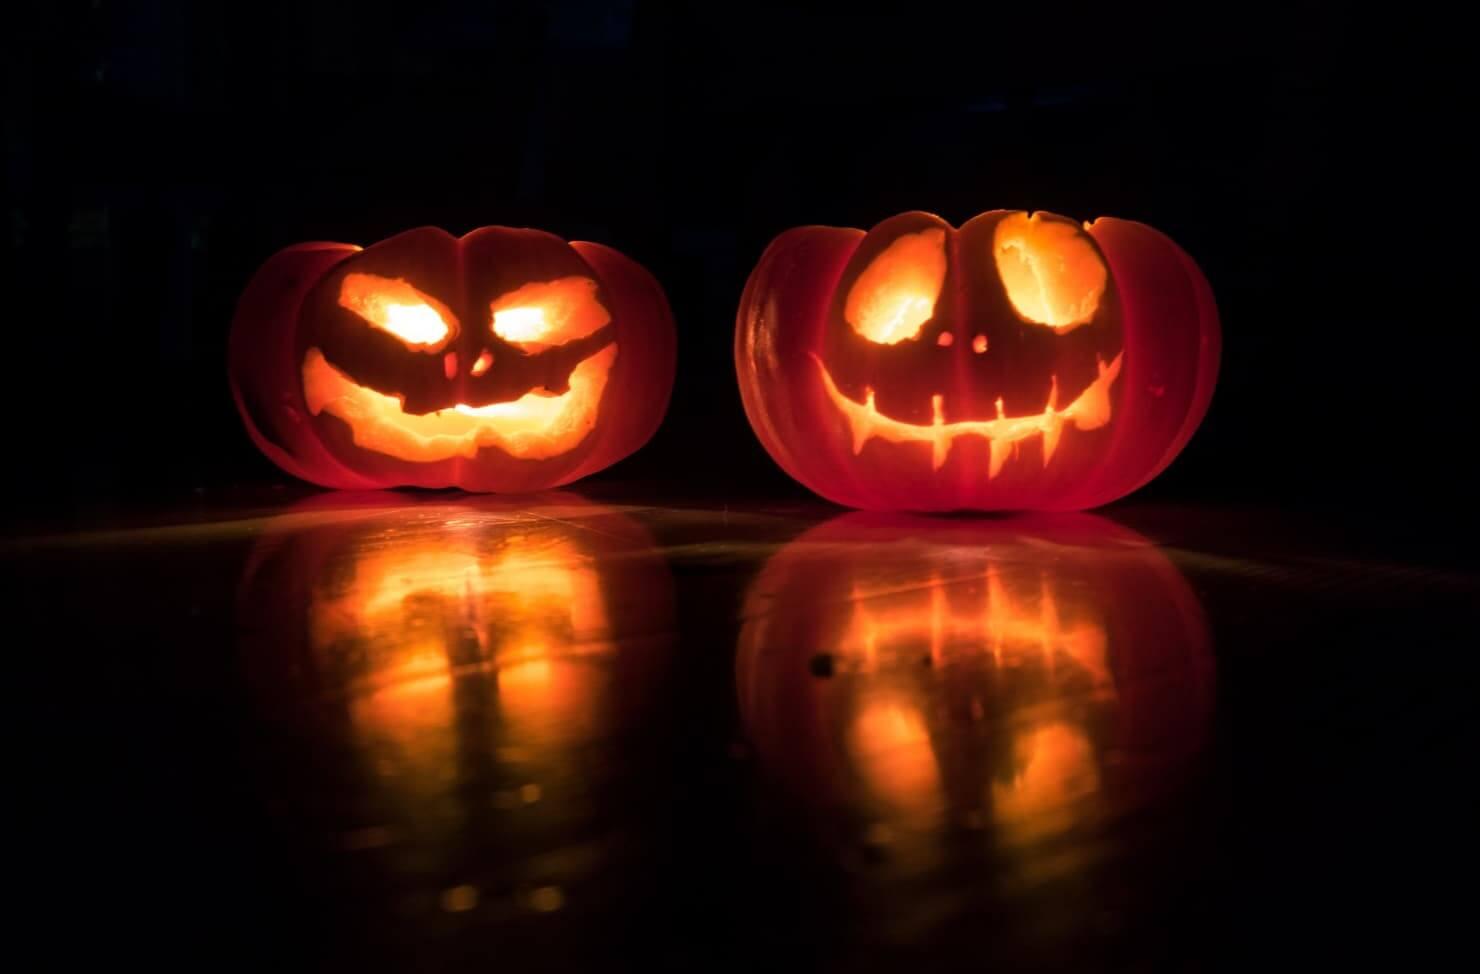 Halloween pumpkin food waste